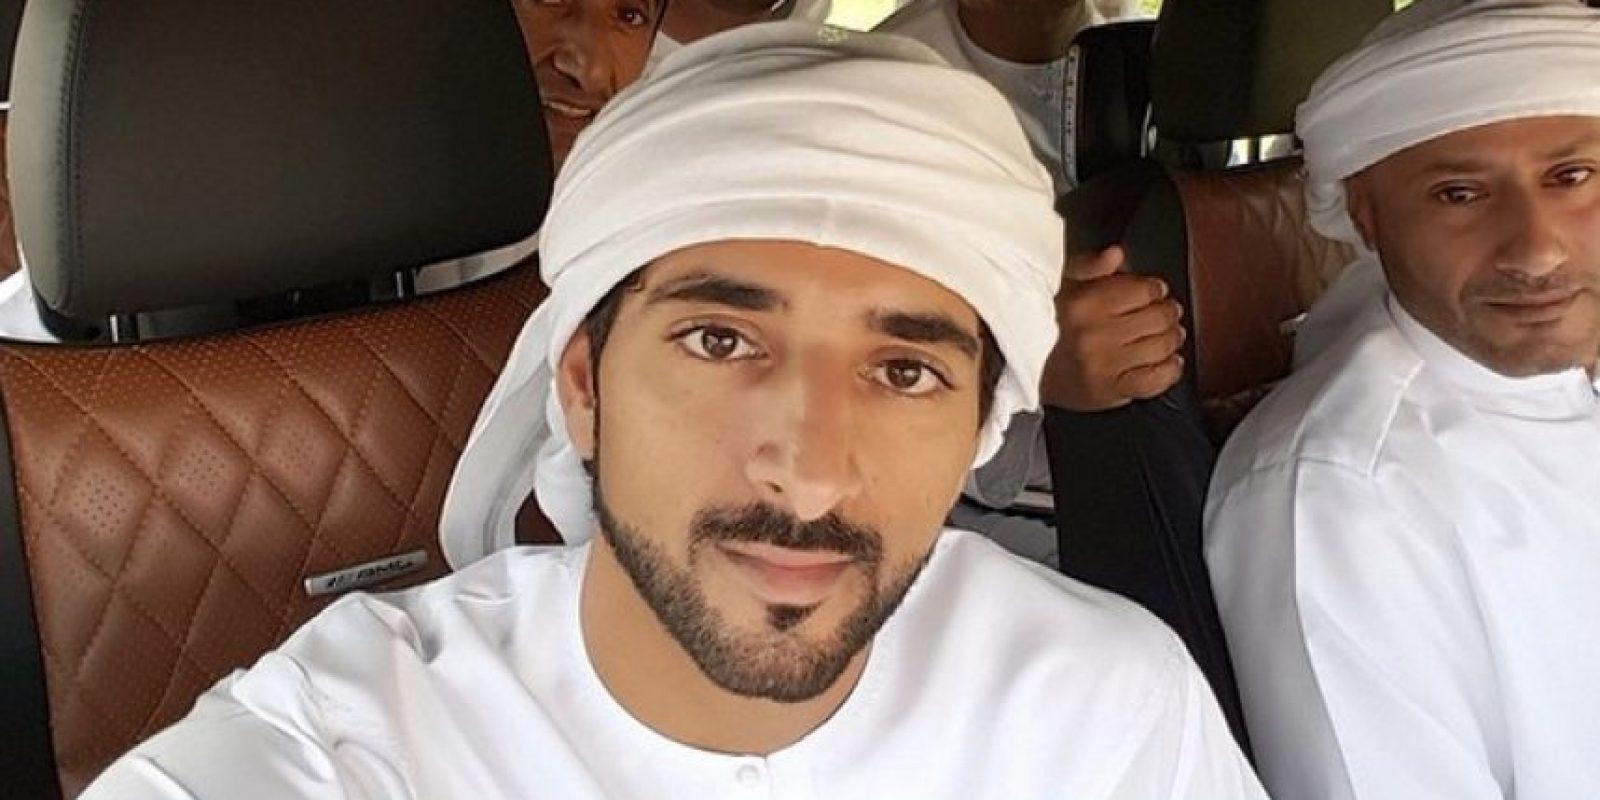 El príncipe heredero de la Casa Al-Falasi, tiene tres mil millones de dólares Foto:Vía instagram.com/faz3/